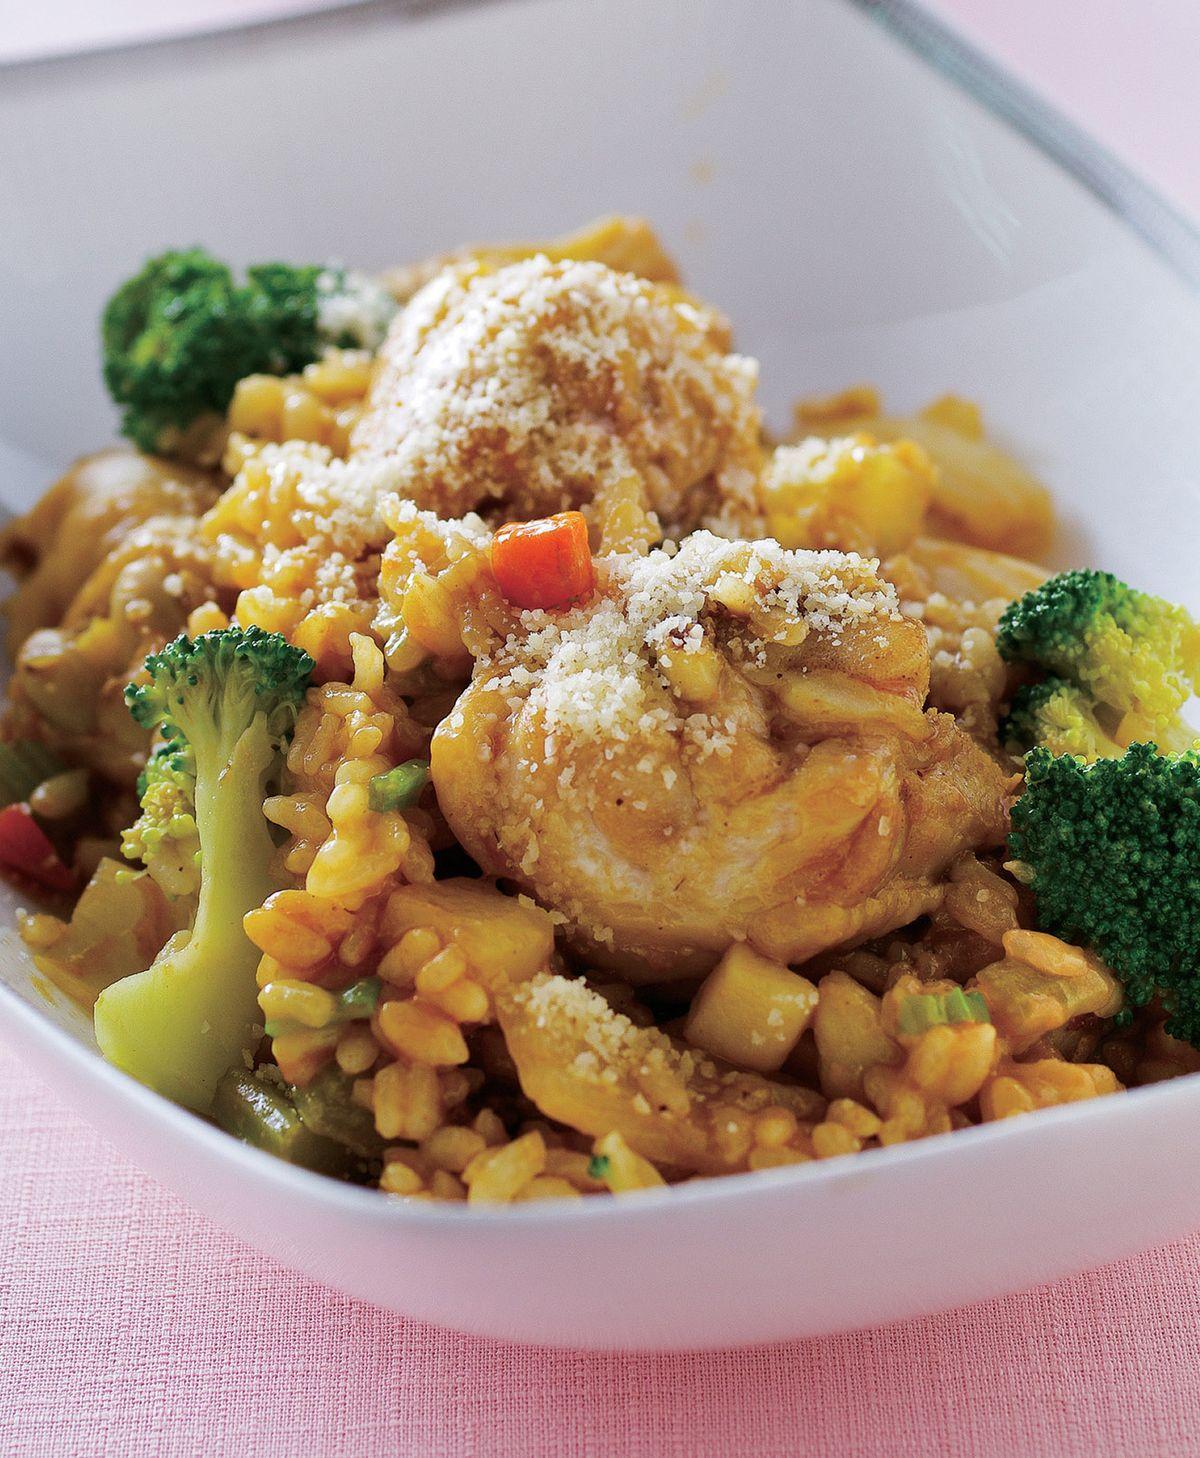 食譜:咖哩雞腿燉飯